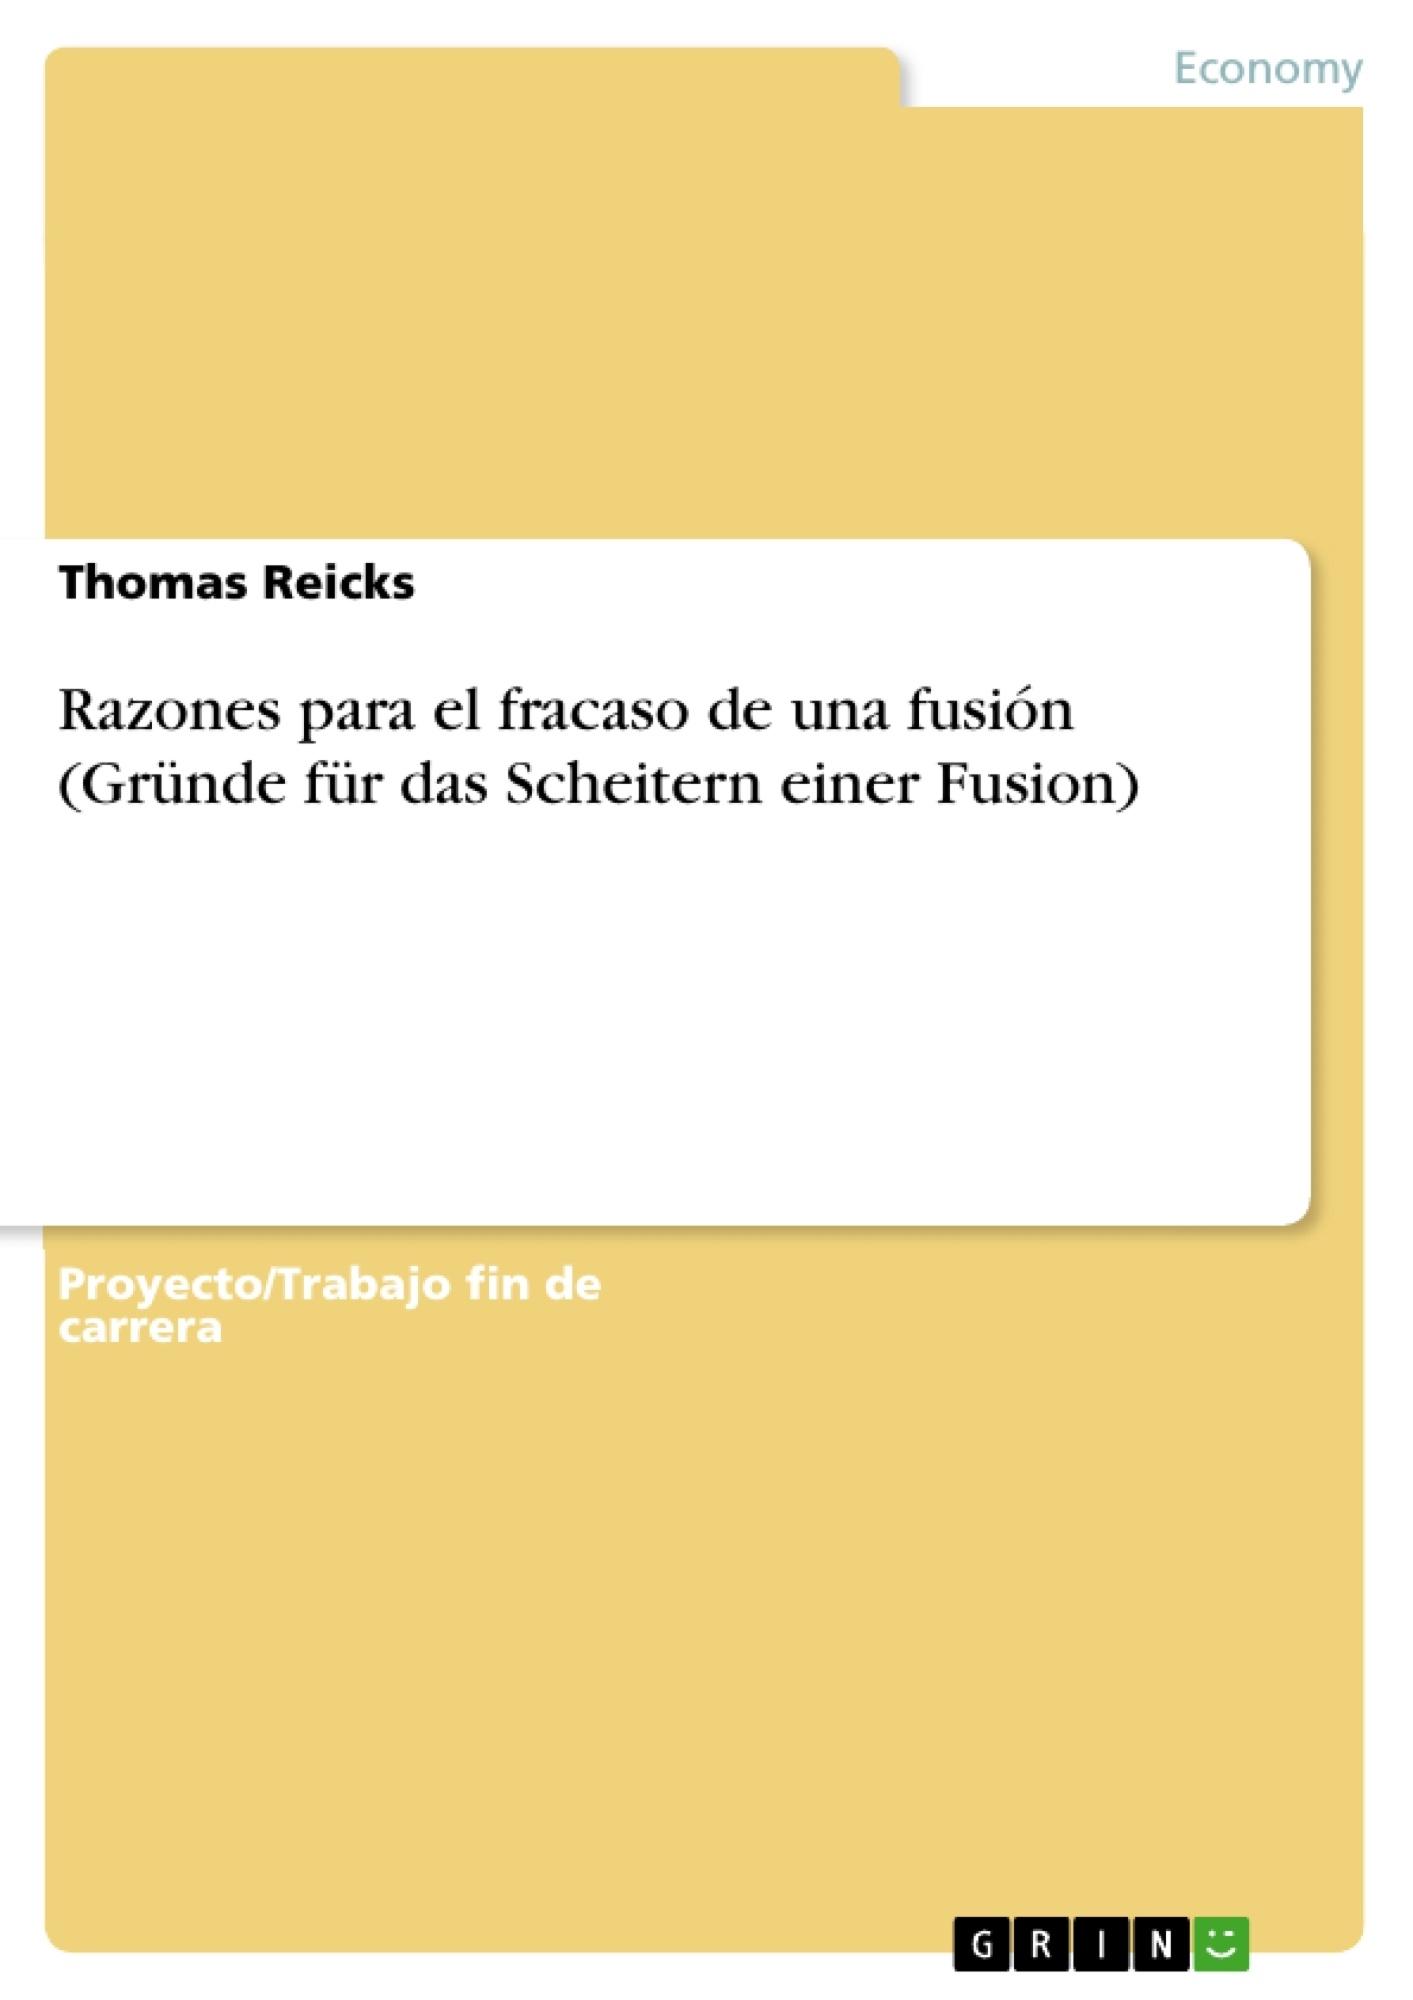 Título: Razones para el fracaso de una fusión (Gründe für das Scheitern einer Fusion)